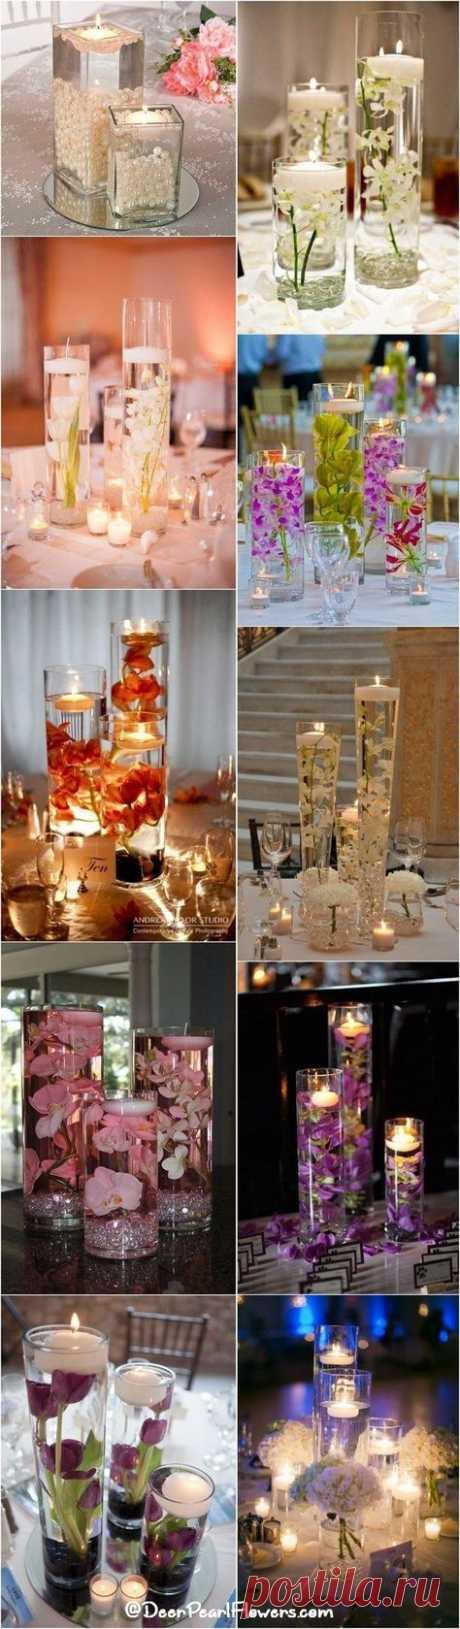 15 модные идеи свадебной вечеринки центр штук